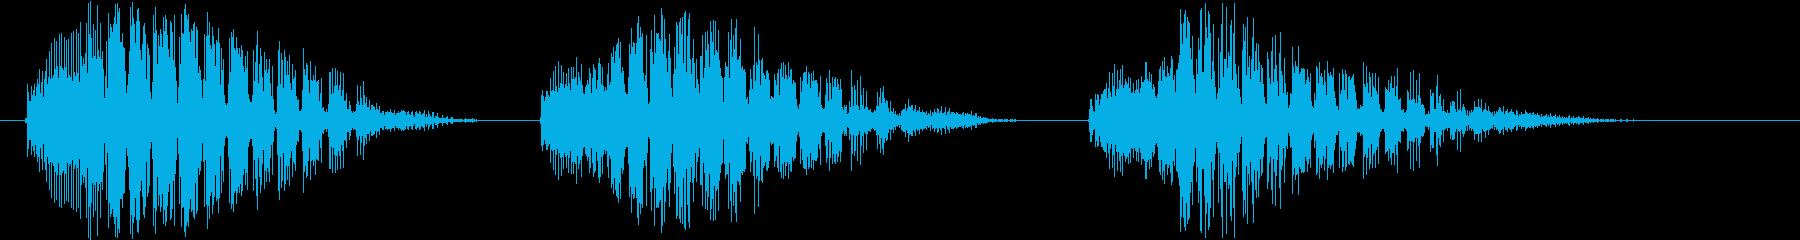 カララカララ(カラスの鳴き声)擬音唸り3の再生済みの波形